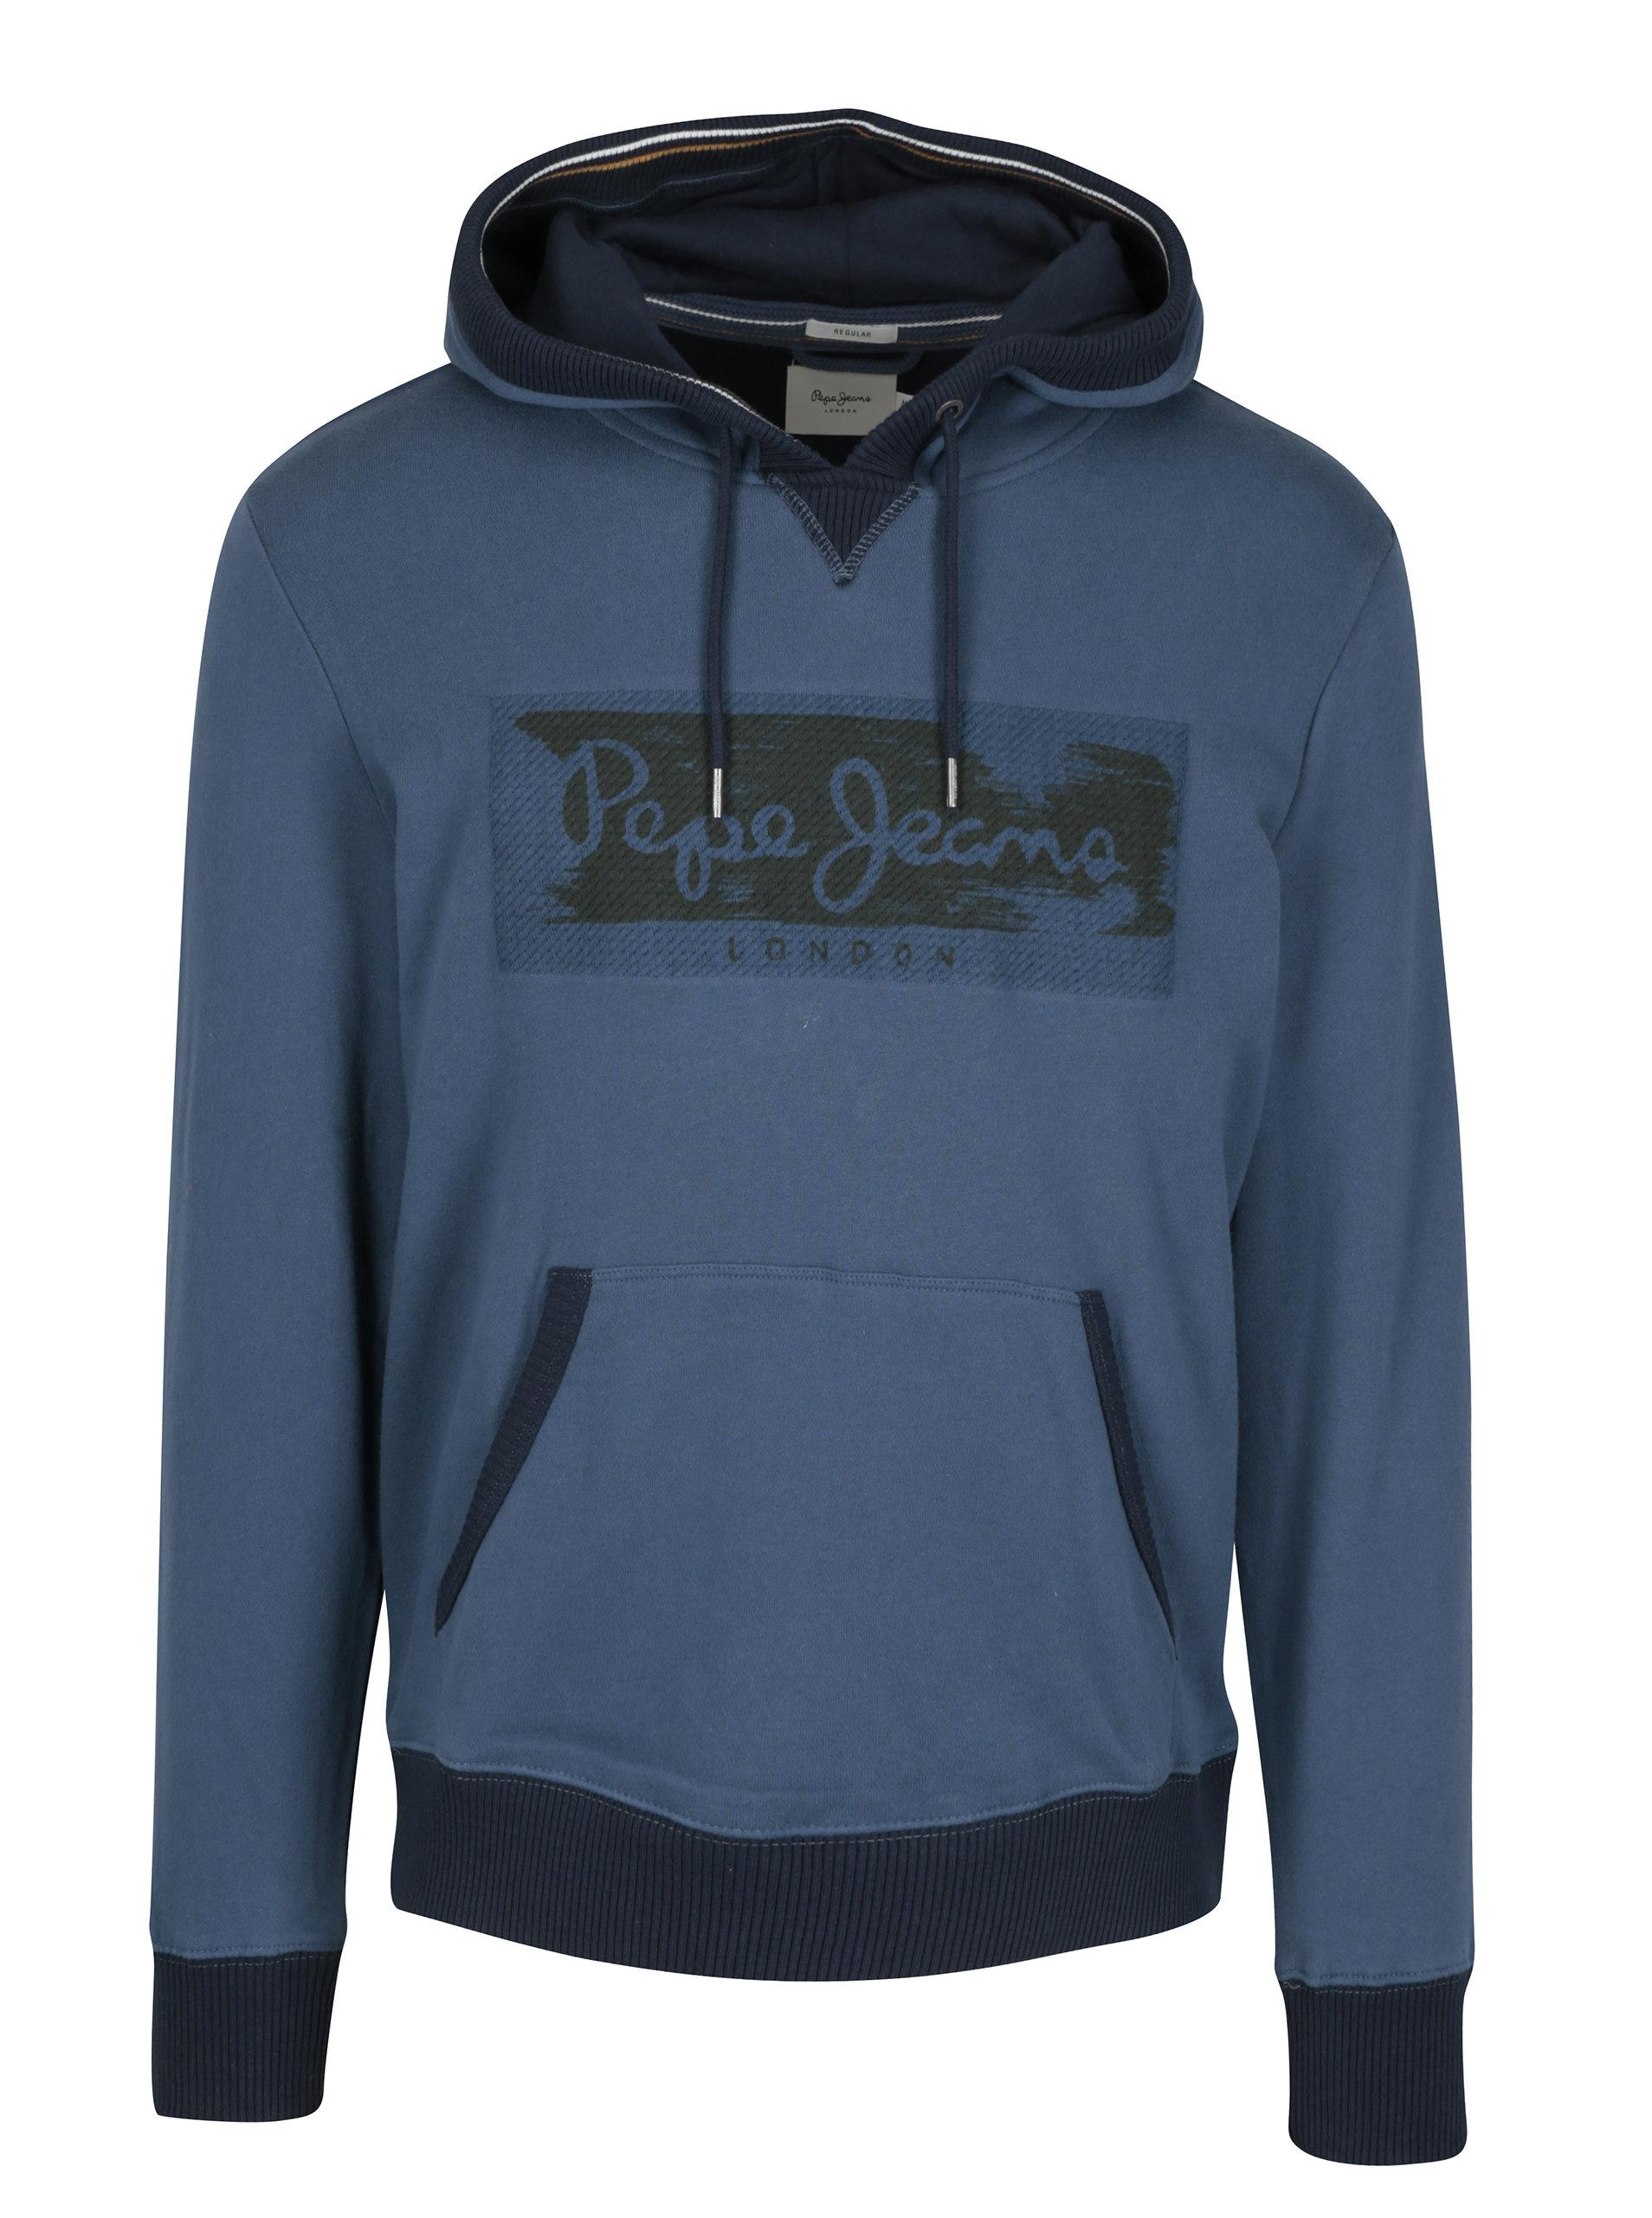 Modrá pánska mikina s výšivkou a kapucňou Pepe Jeans WOODWARD ... 63f0ab6b82e